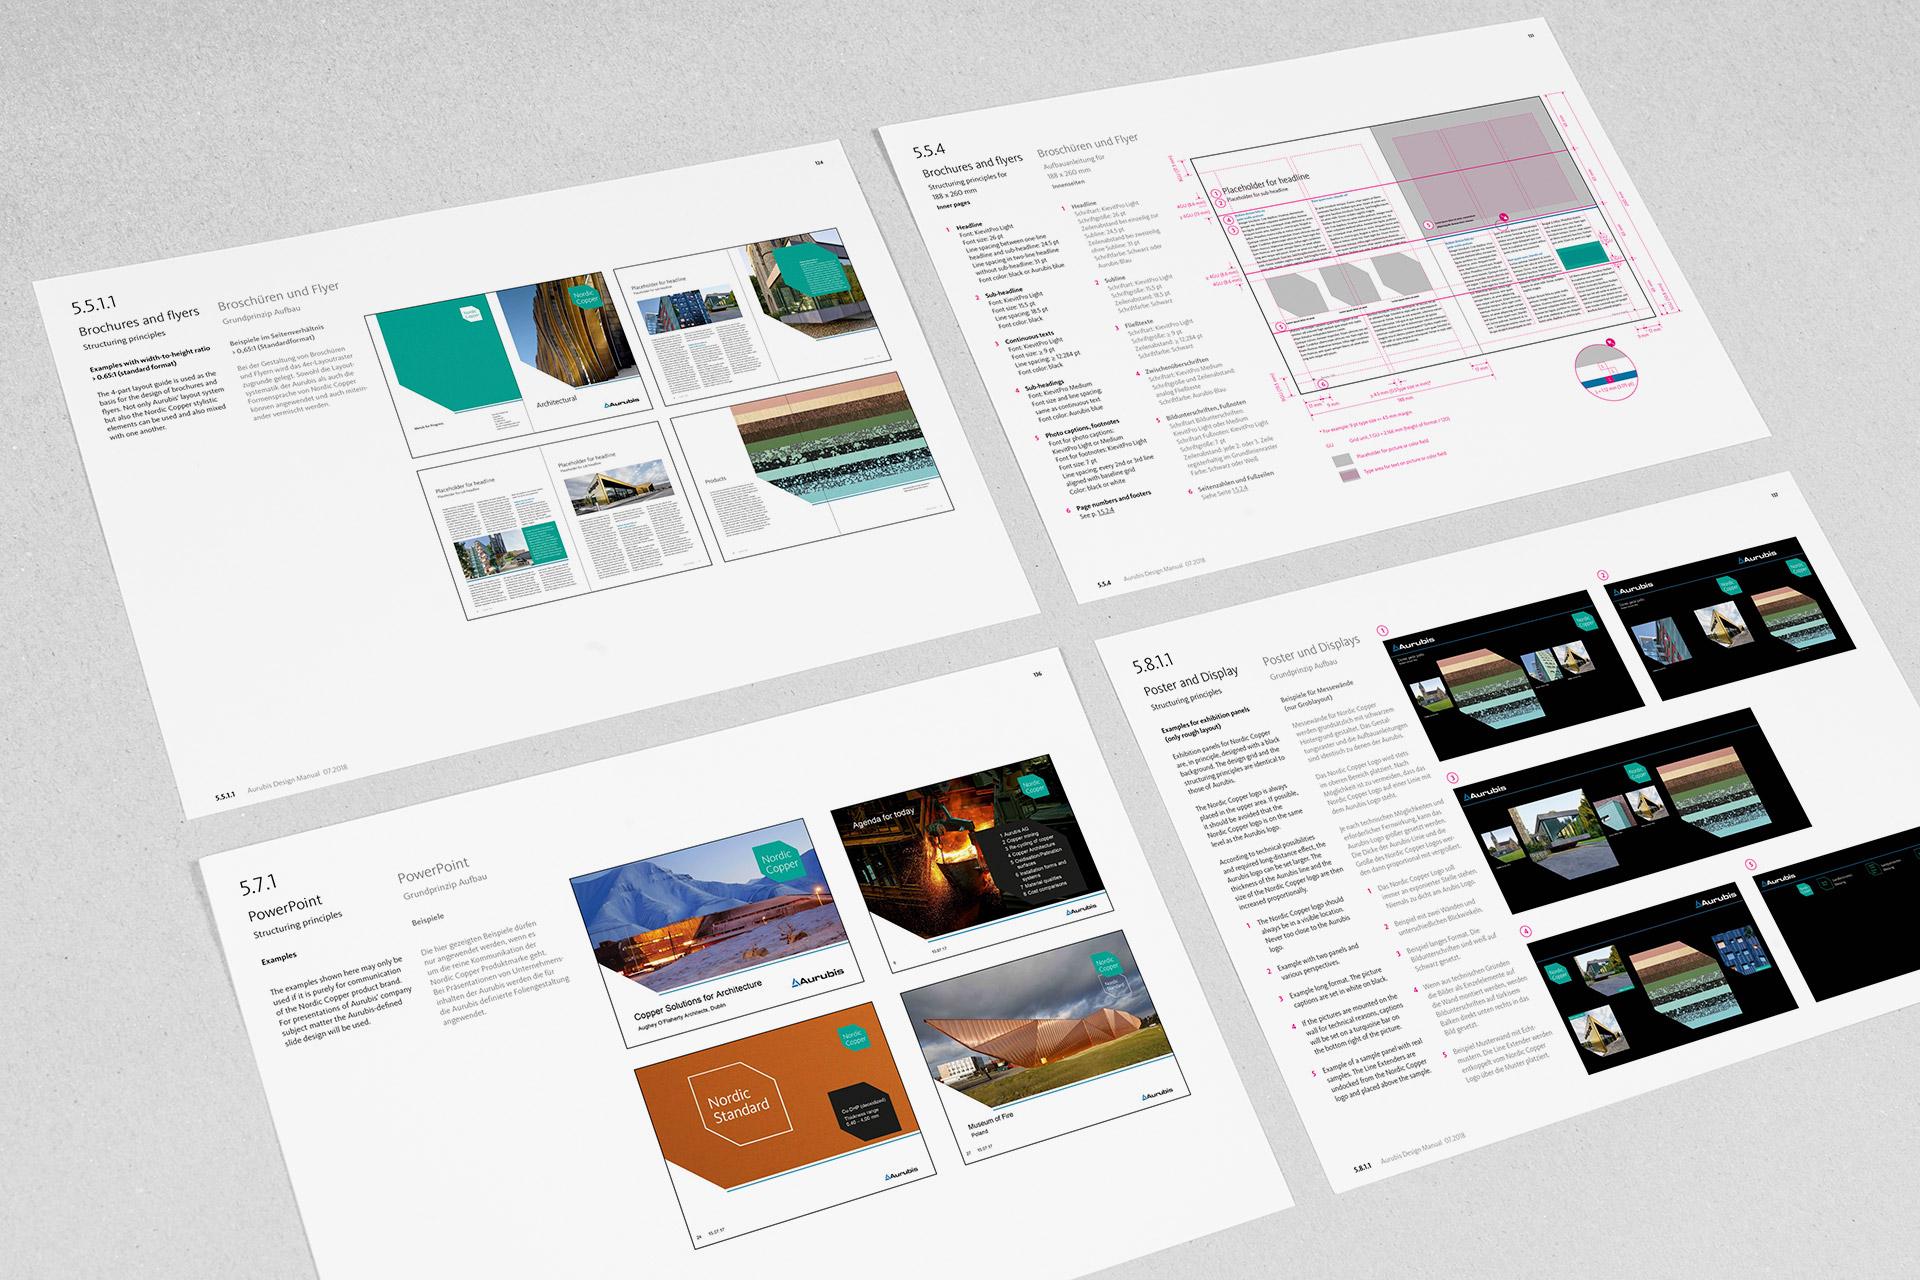 aurubis-nordic-copper-design manualseiten